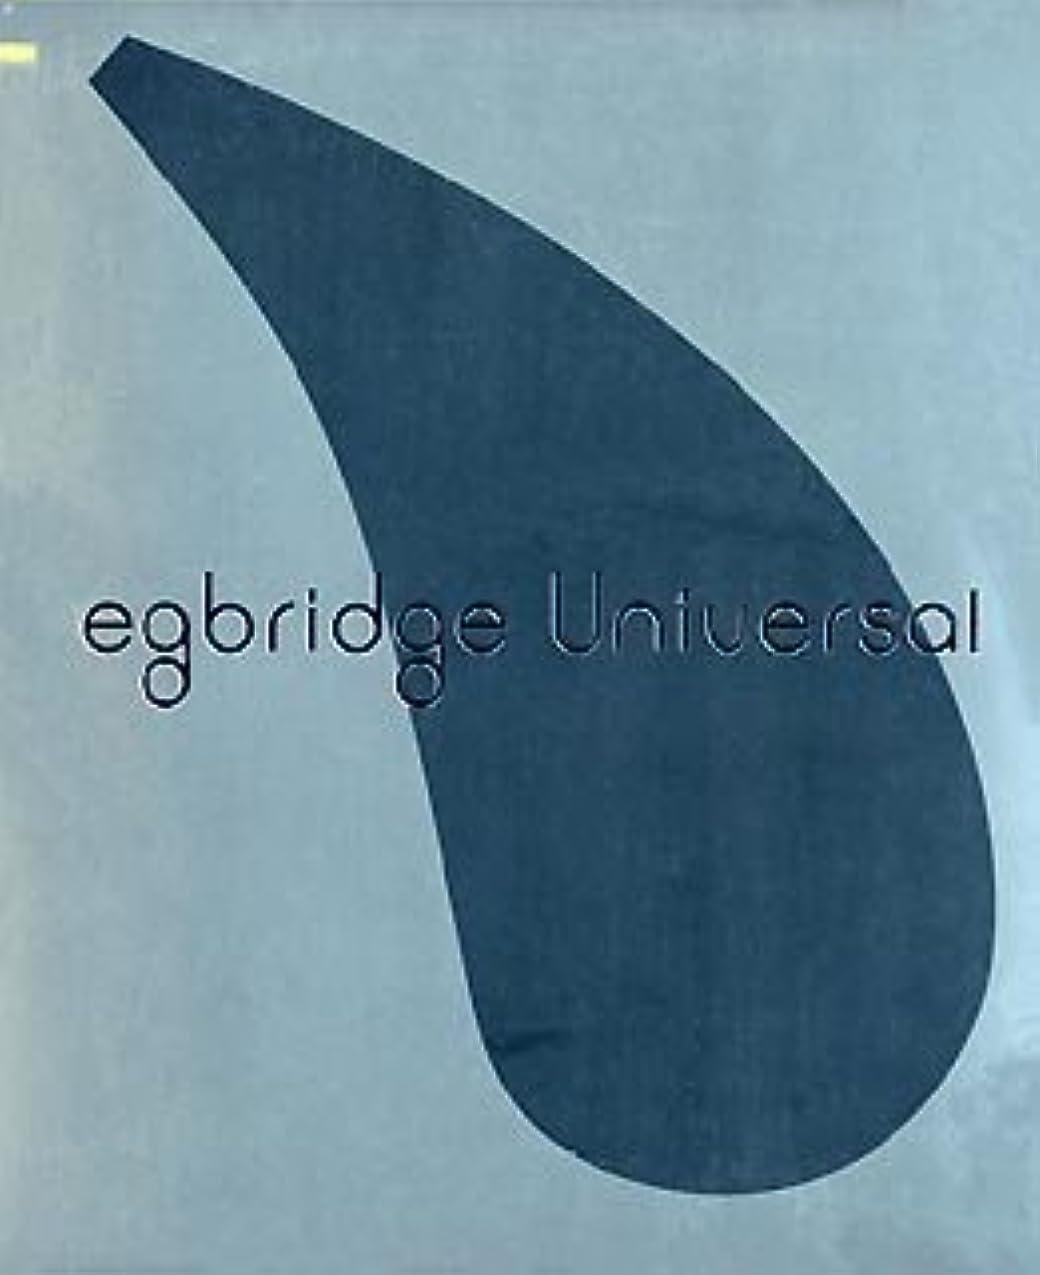 前兆フクロウ薬を飲むegbridge Universal